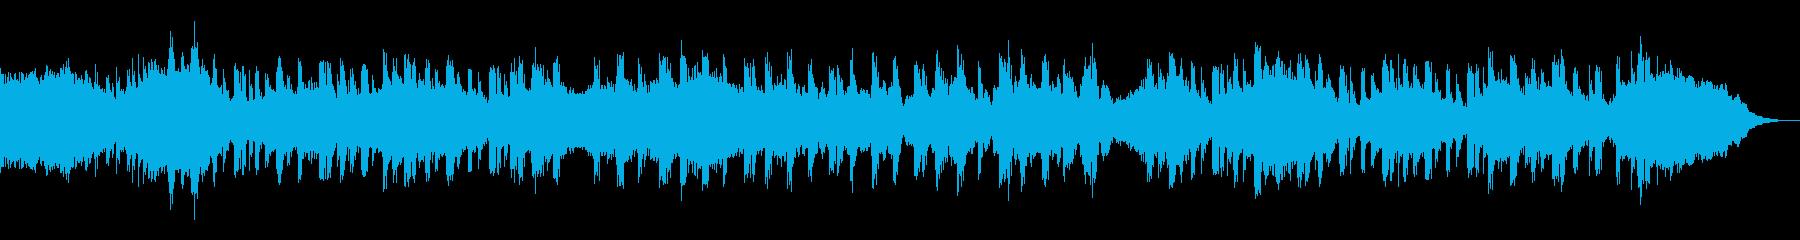 打楽器とドローンのムービートレーラーの再生済みの波形